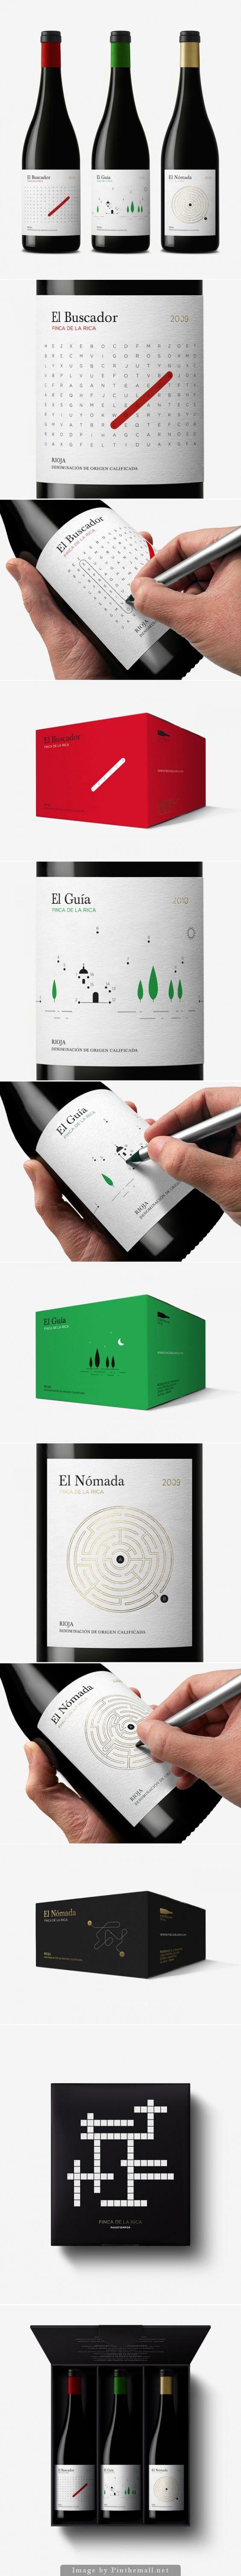 Finca de la Rica #wine #packaging by Dorian - http://www.packagingoftheworld.com/2014/11/finca-de-la-rica.html